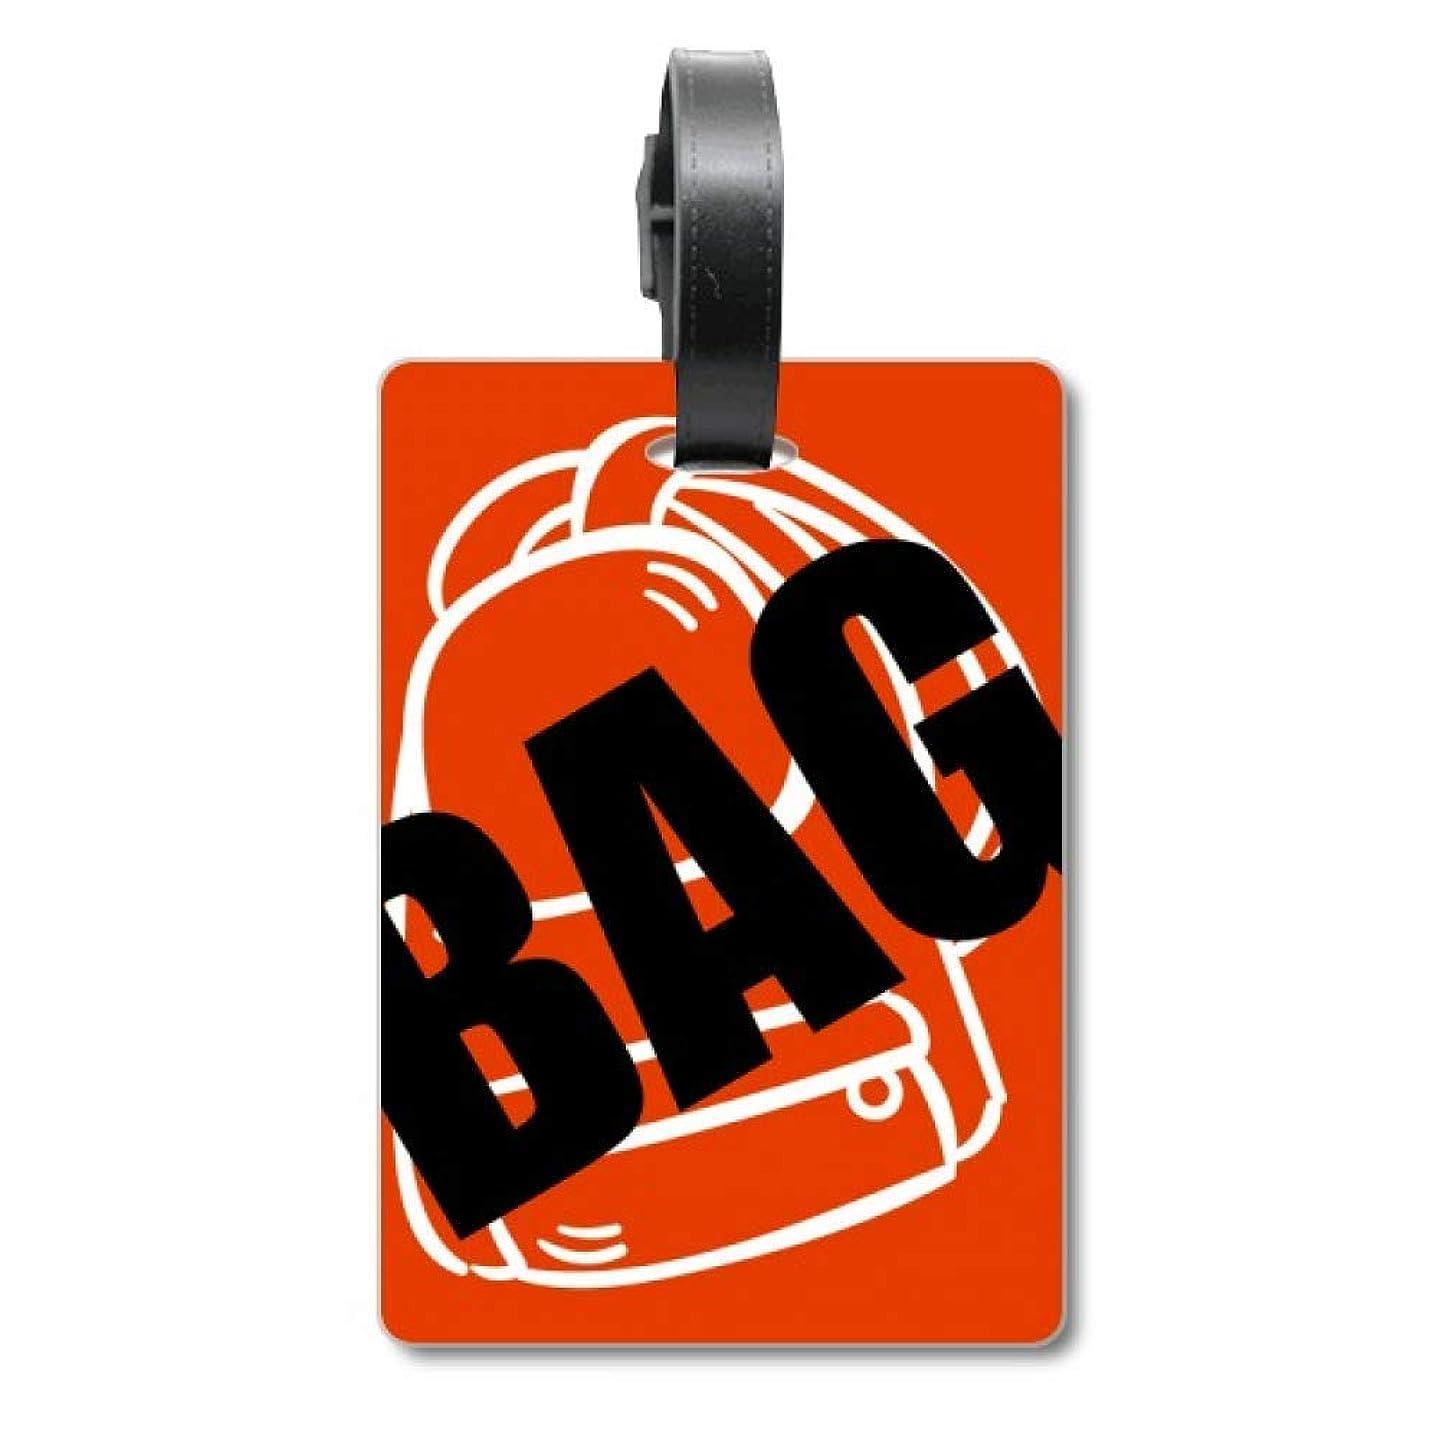 アレイ囲む安定した旅行カバンのタグ旅行者の識別標識